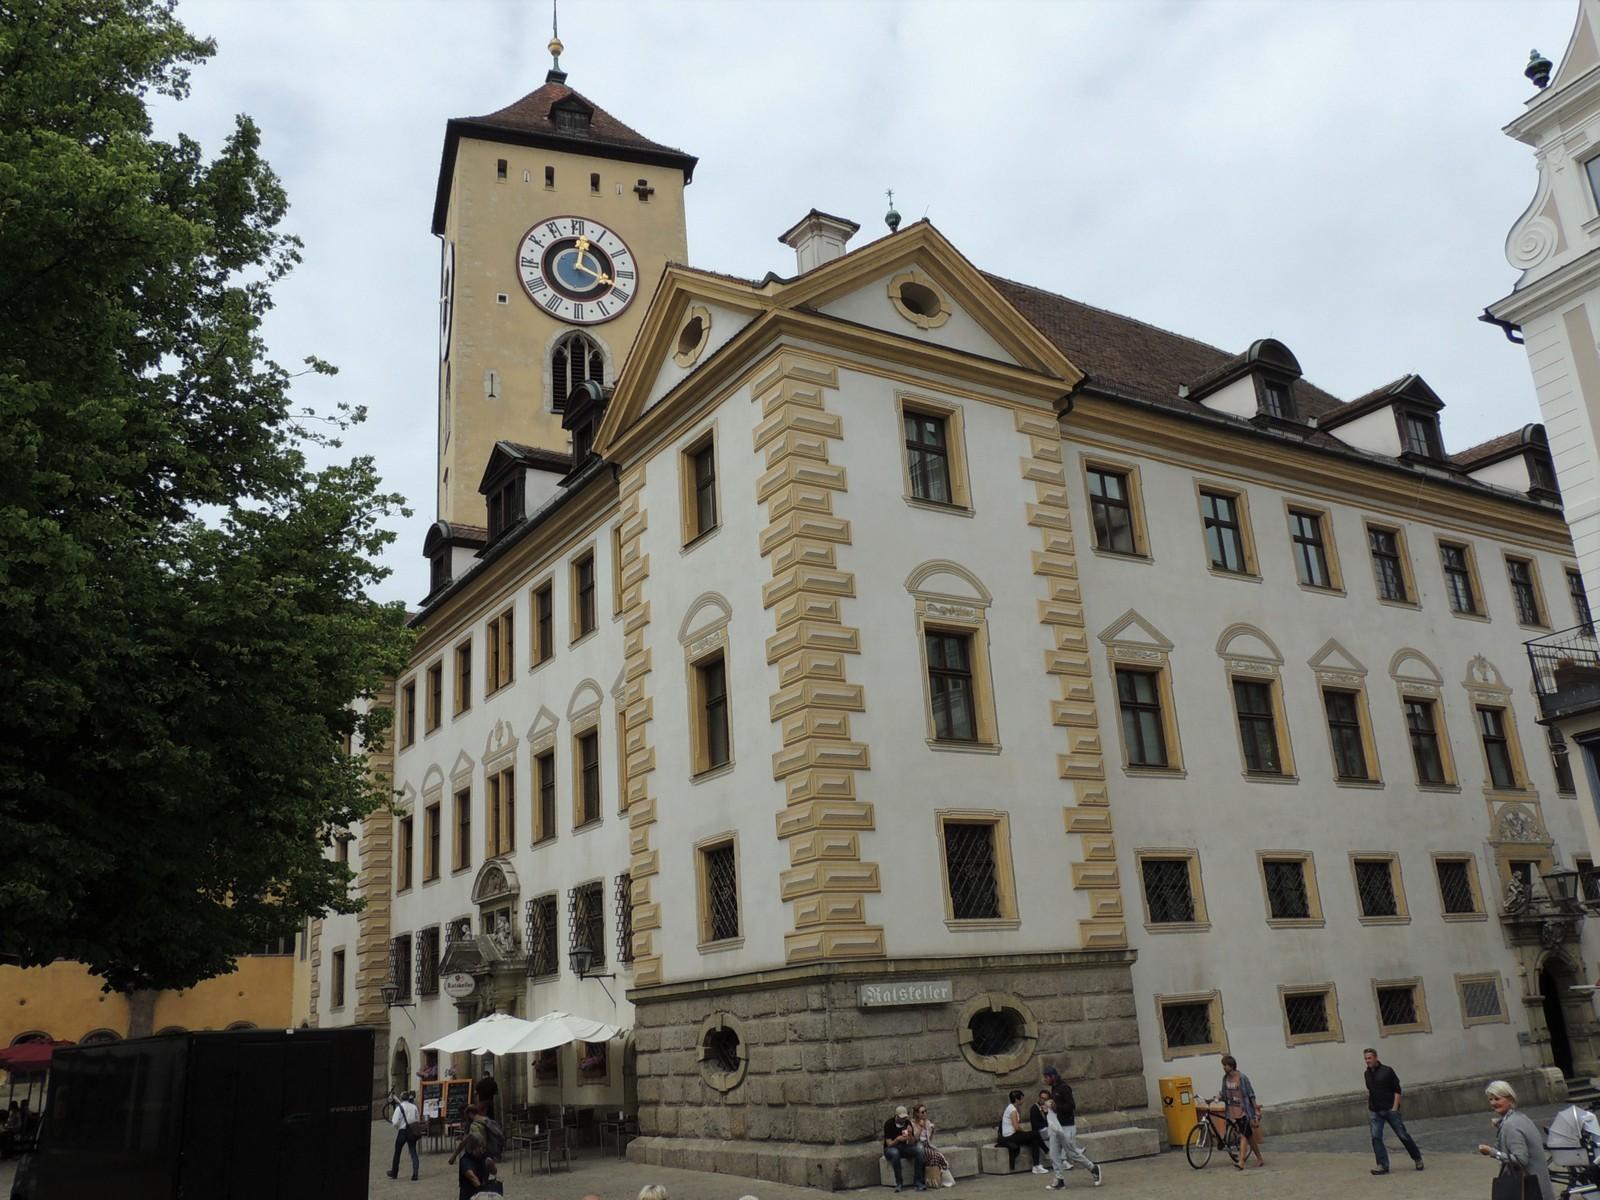 Regensburg - Barockanbau des Alten Rathaus